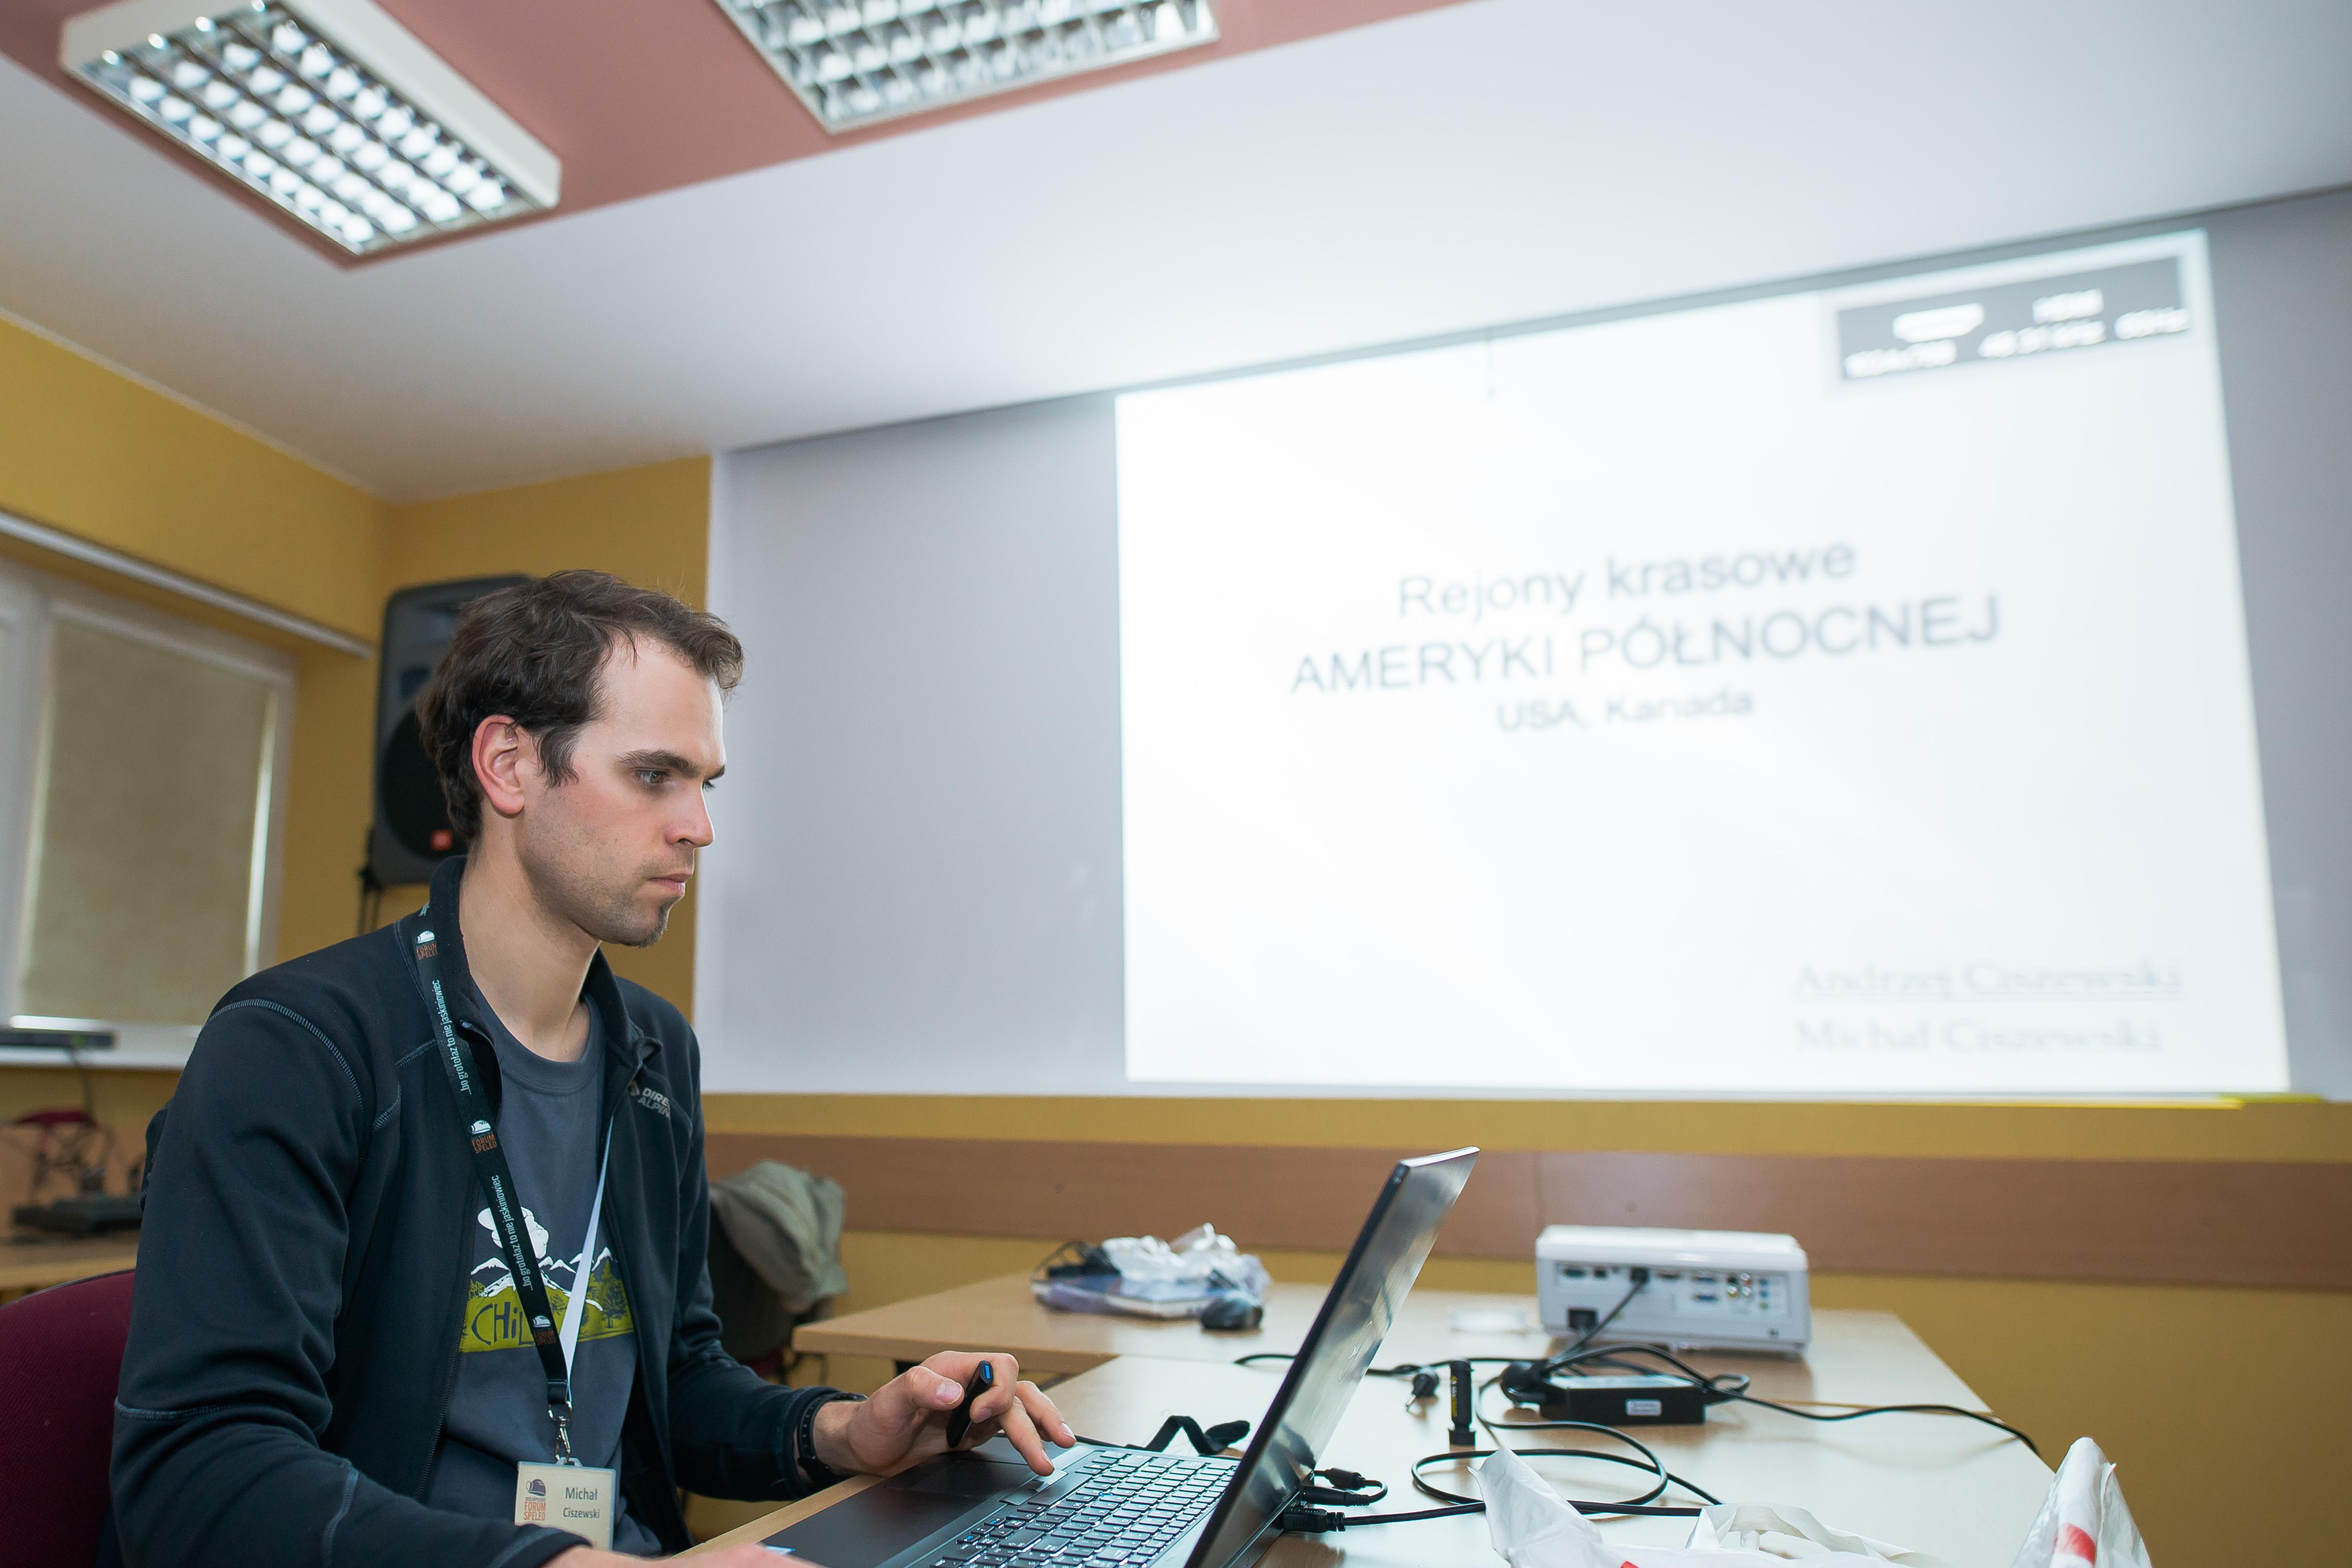 Fot. Maciej Fryń